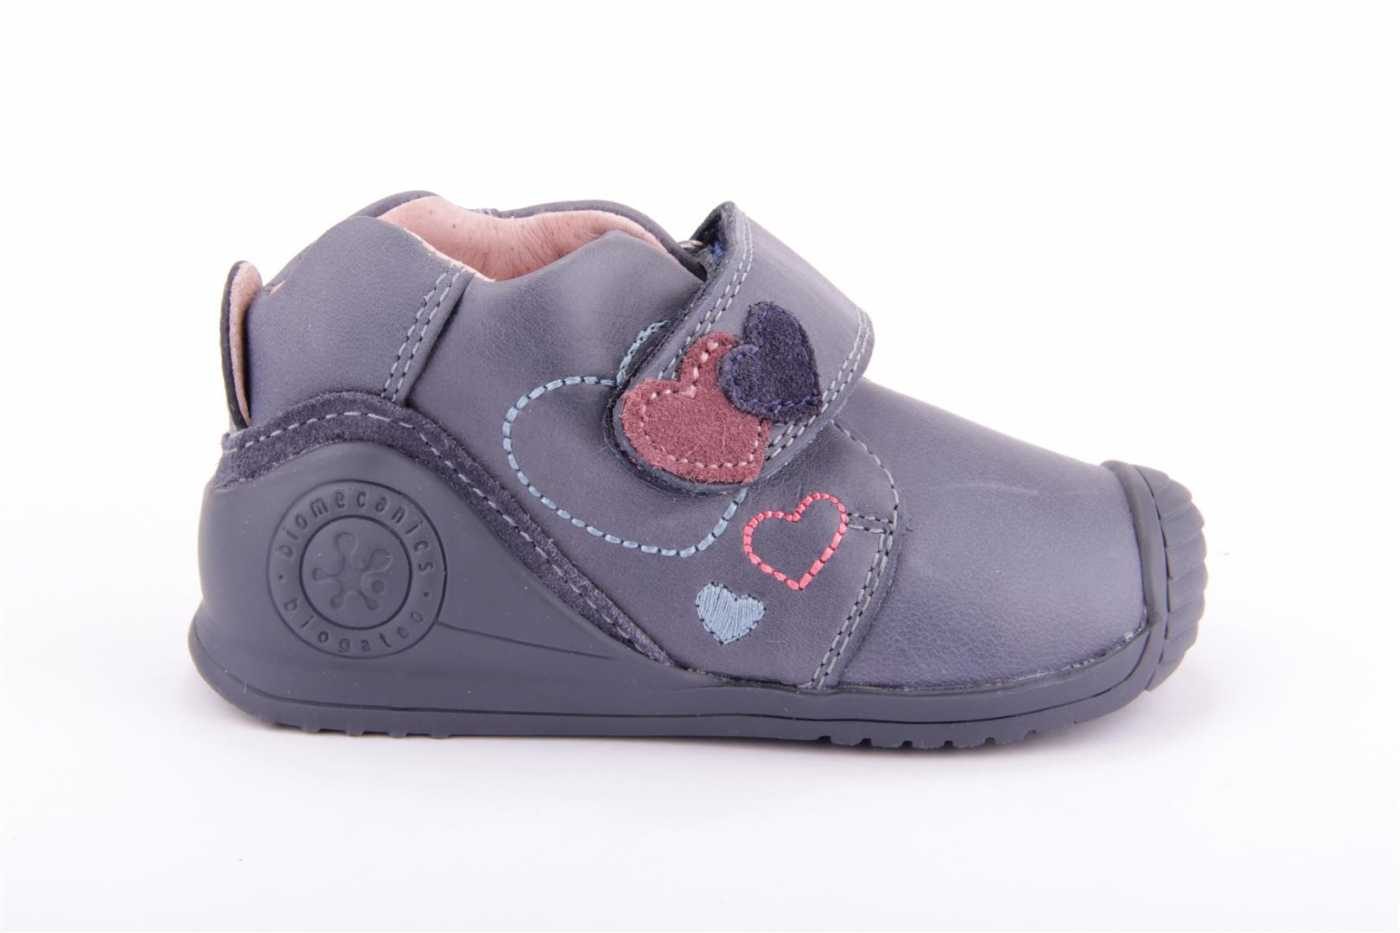 76150cc4a Comprar zapato tipo PREANDANTE NIÑA estilo BOTAS COLOR AZUL PIEL ...